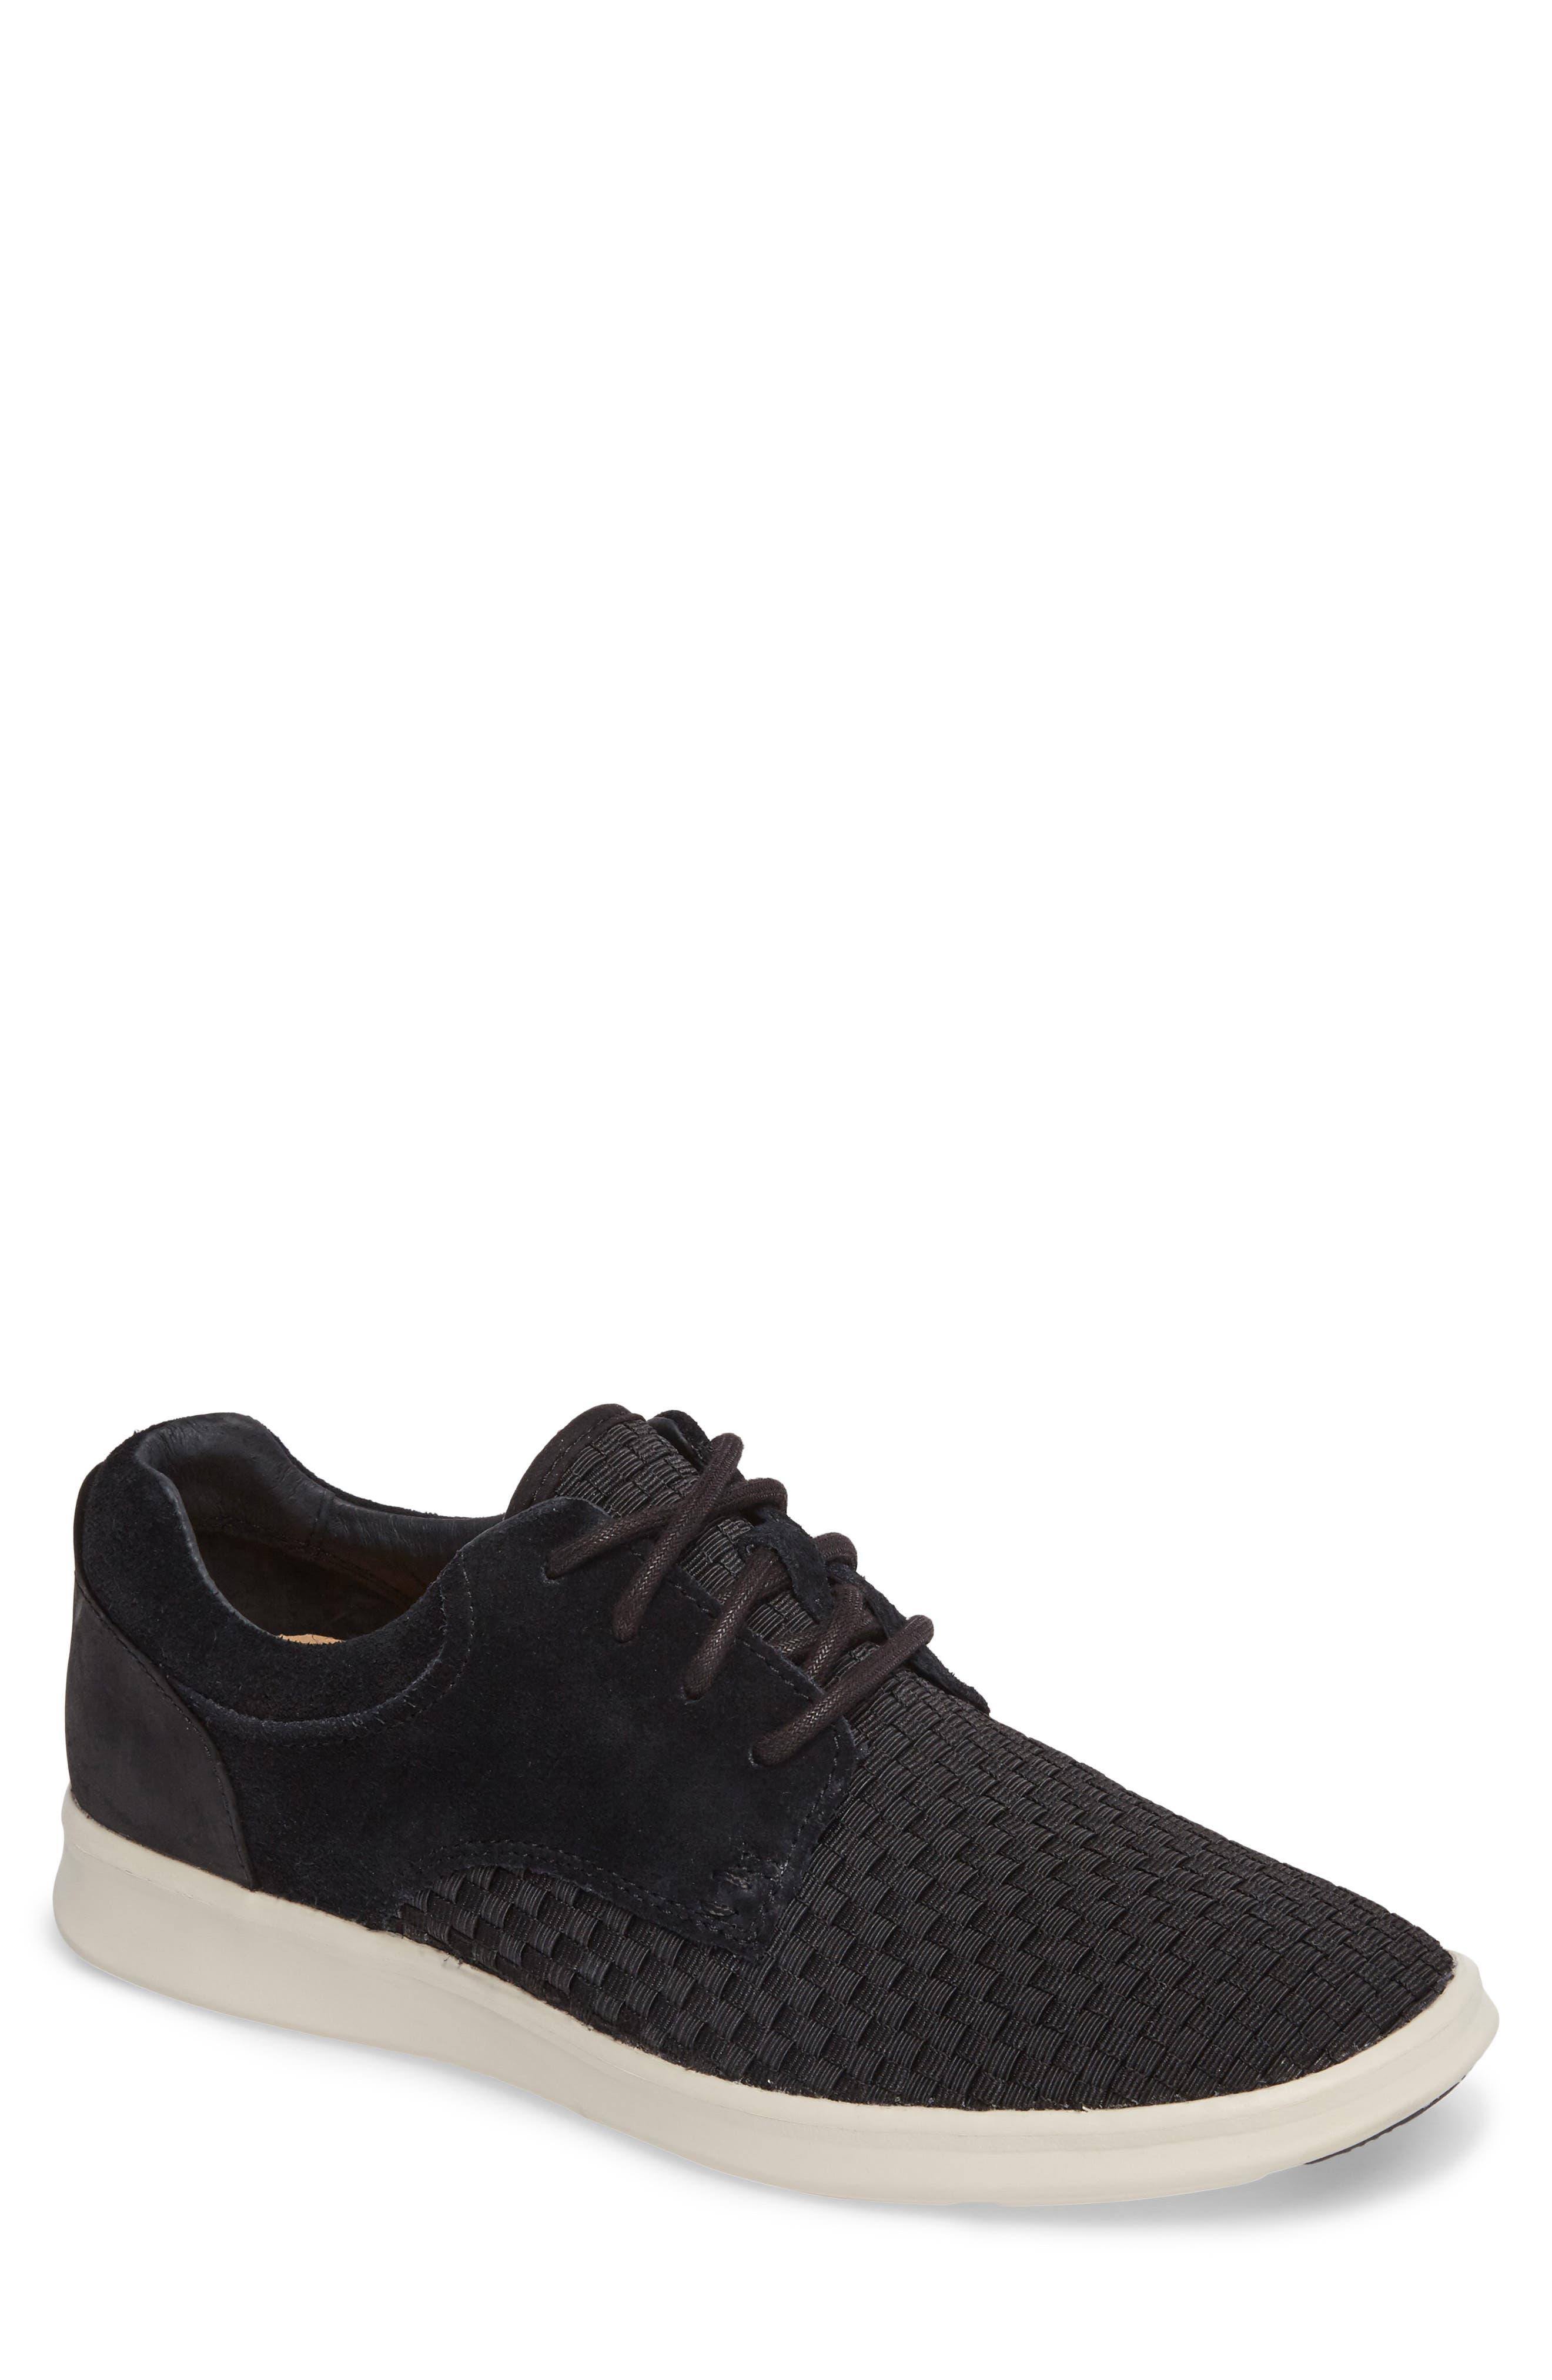 'Hepner' Woven Sneaker,                             Main thumbnail 1, color,                             Blk